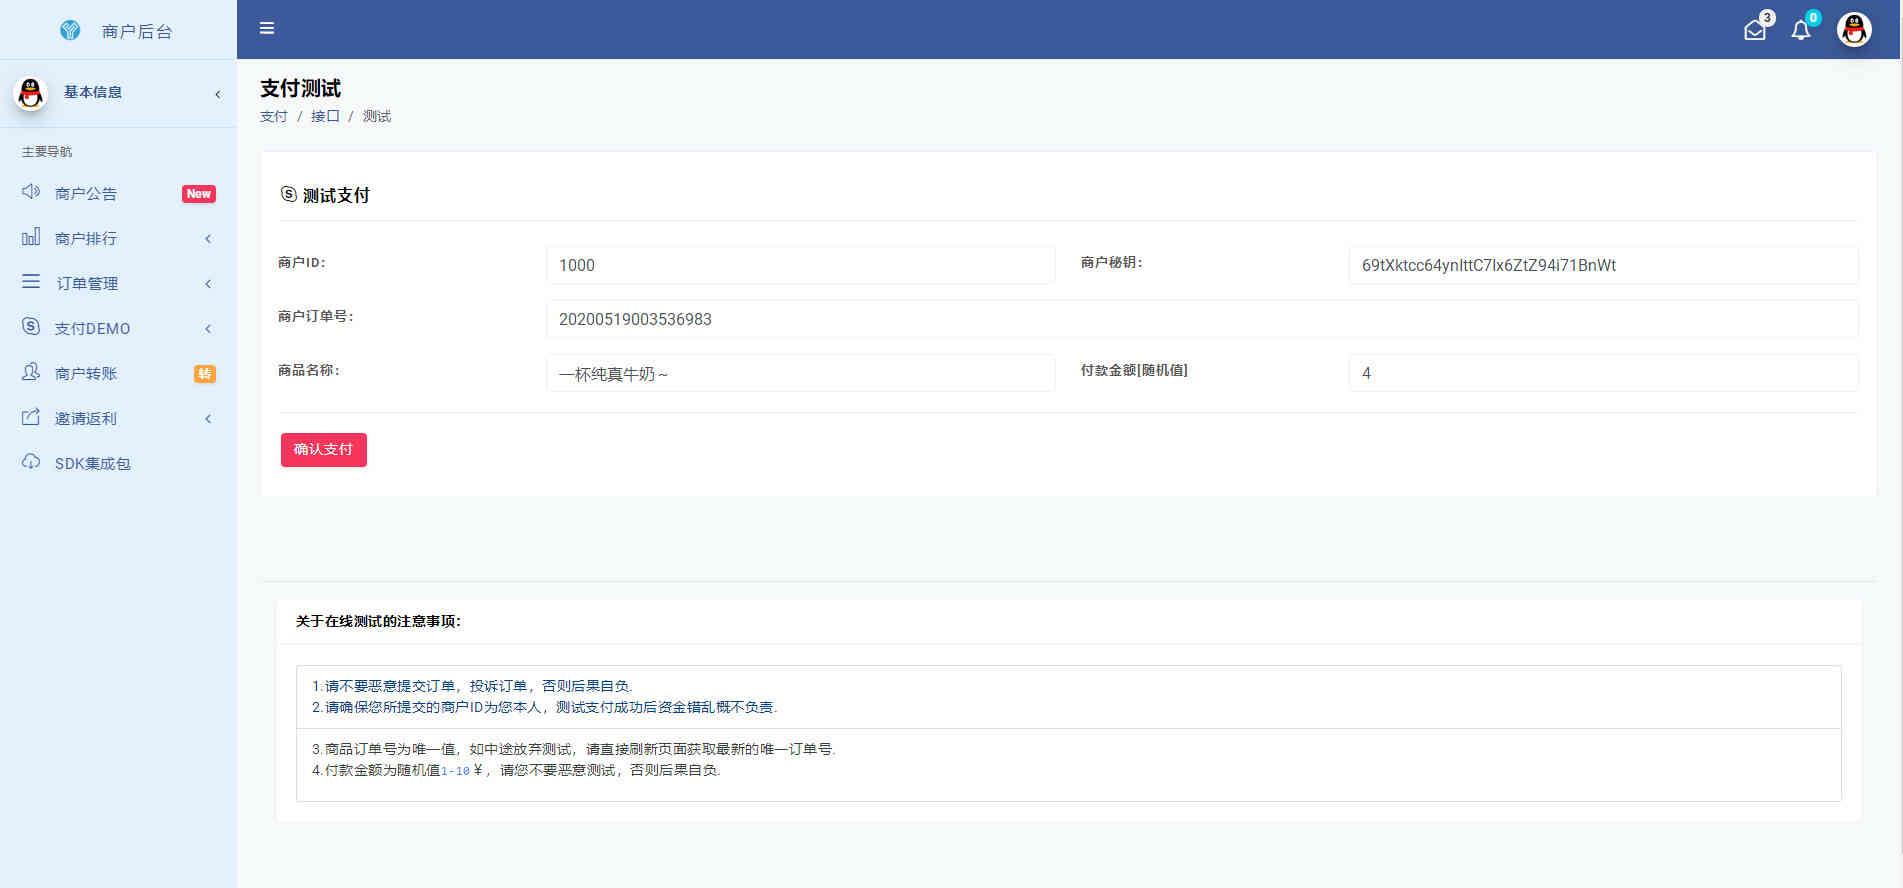 【免签支付】捷兔云PAY新版本开源系统版三方第四方免签支付款网站源码插图1